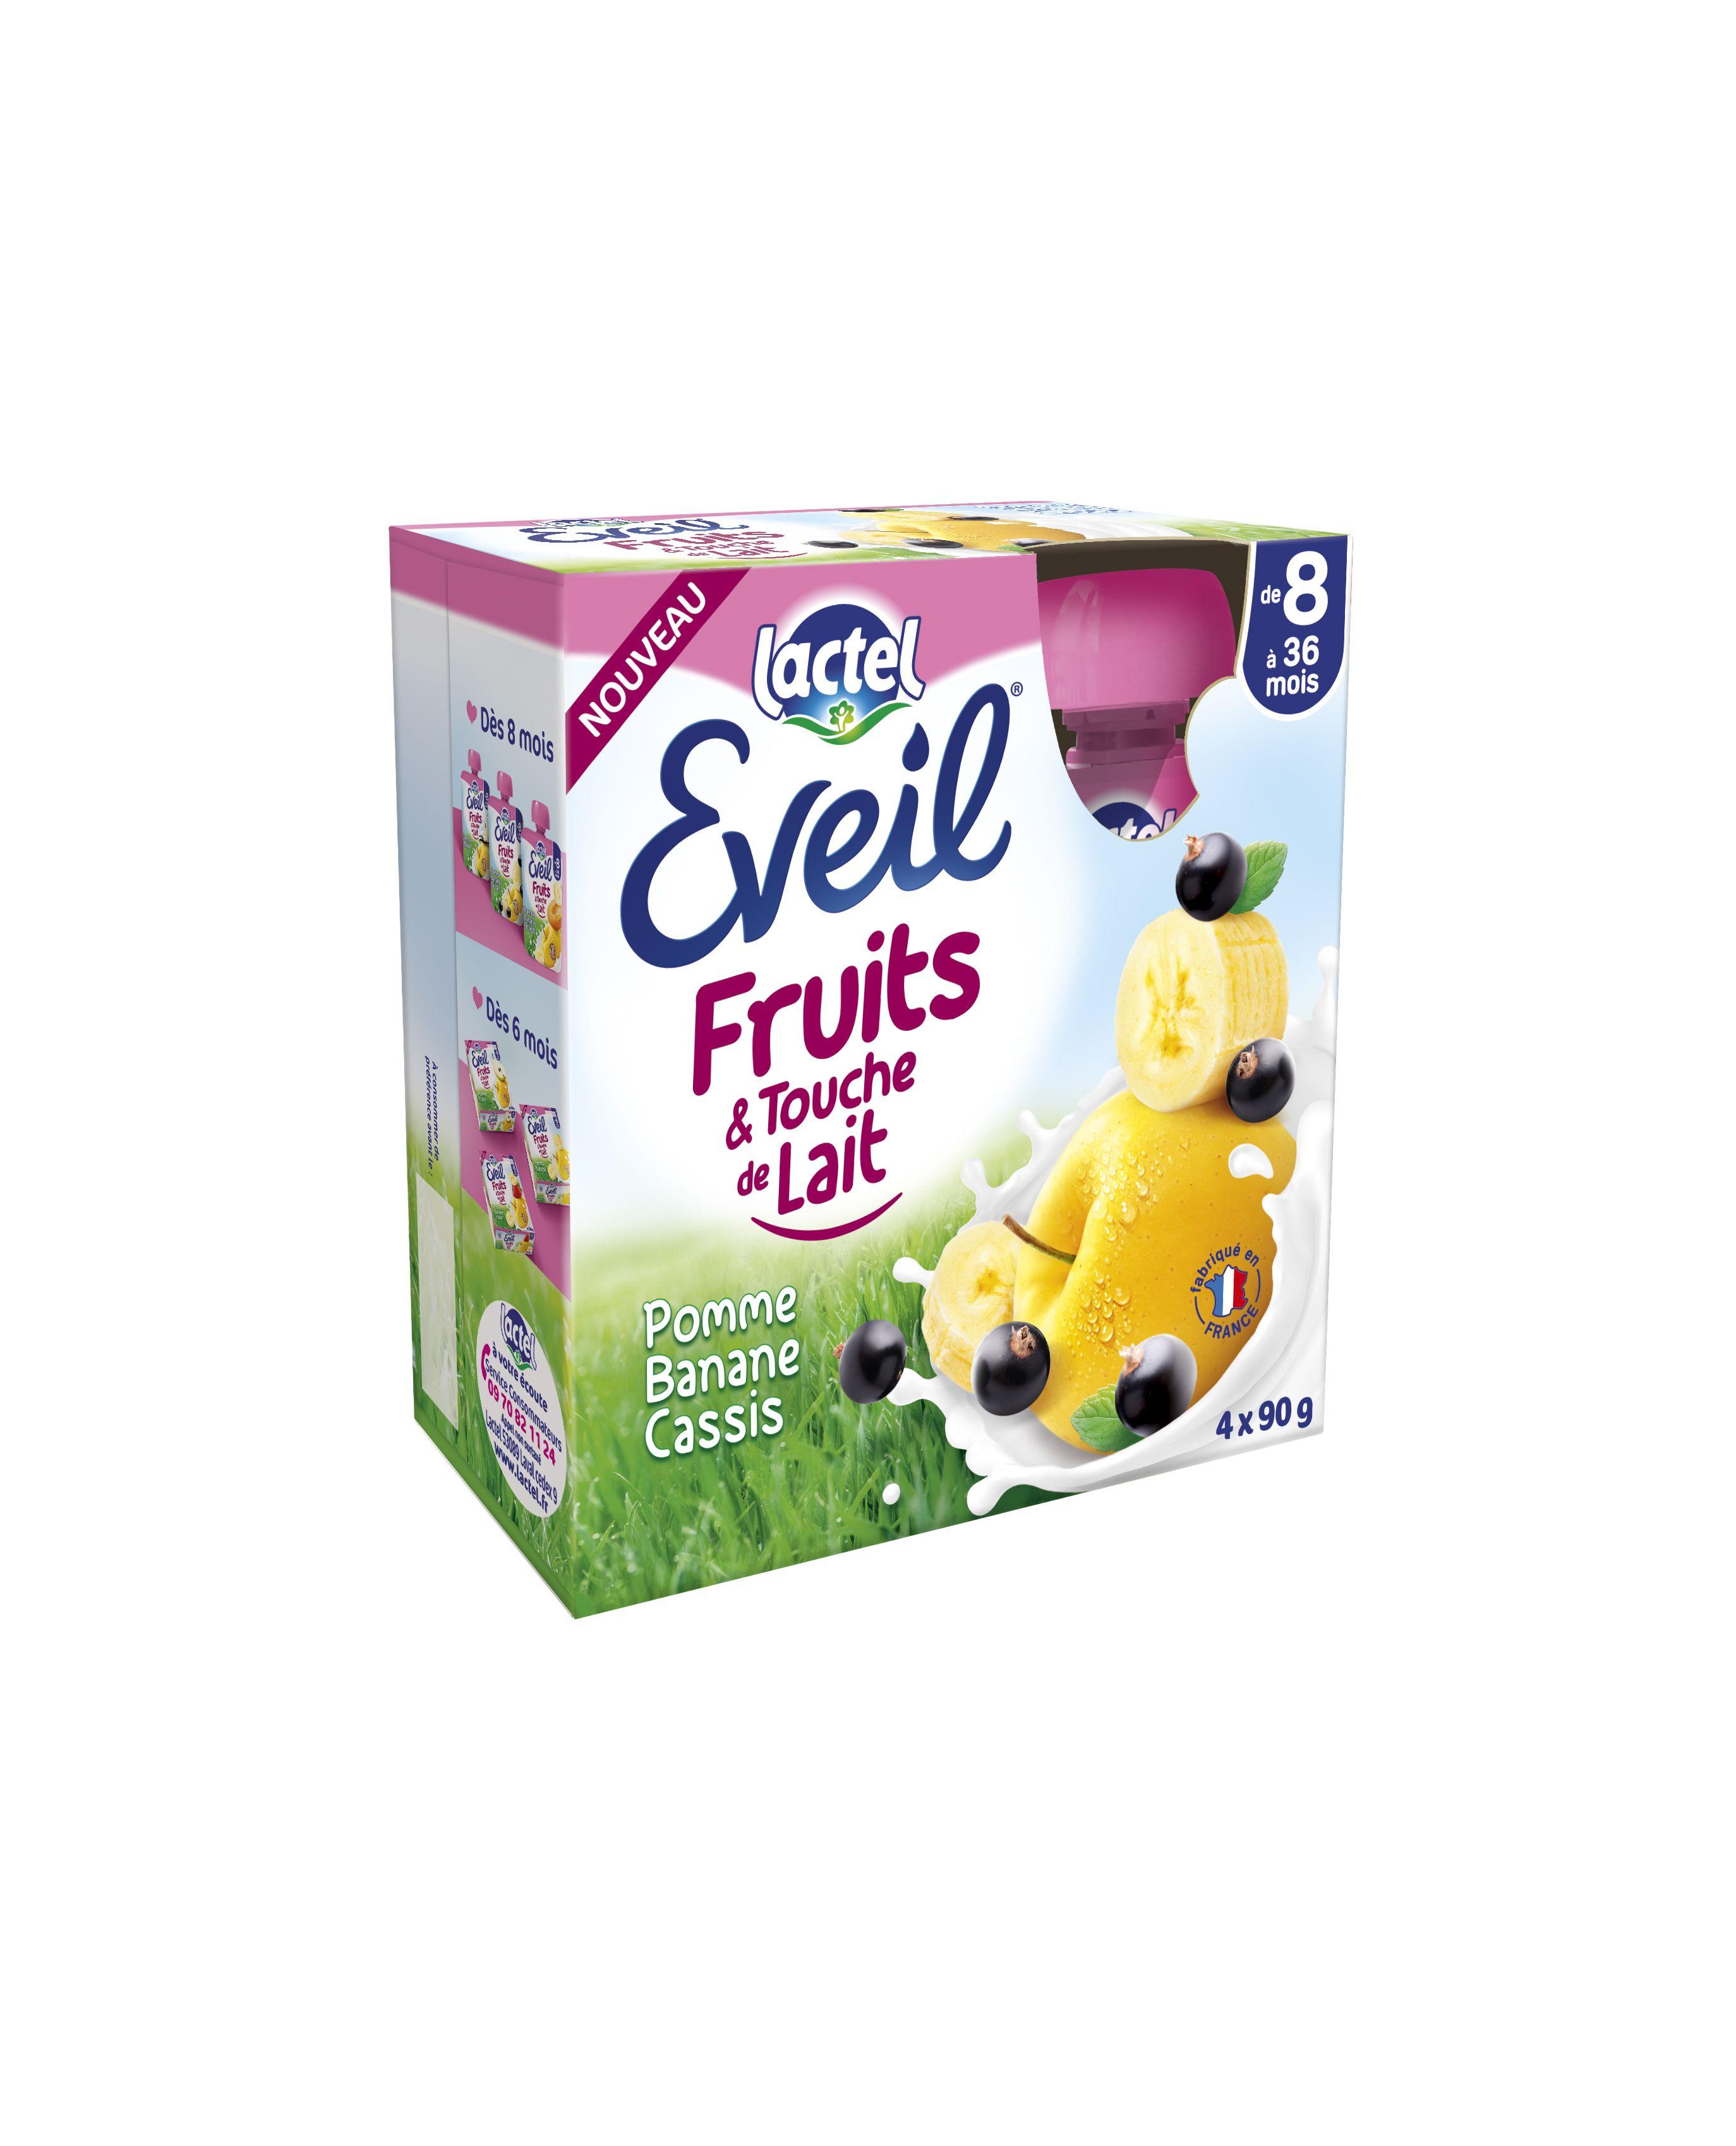 Gourdes Eveil Fruits et Touche de Lait – Pomme-Banane-Cassis